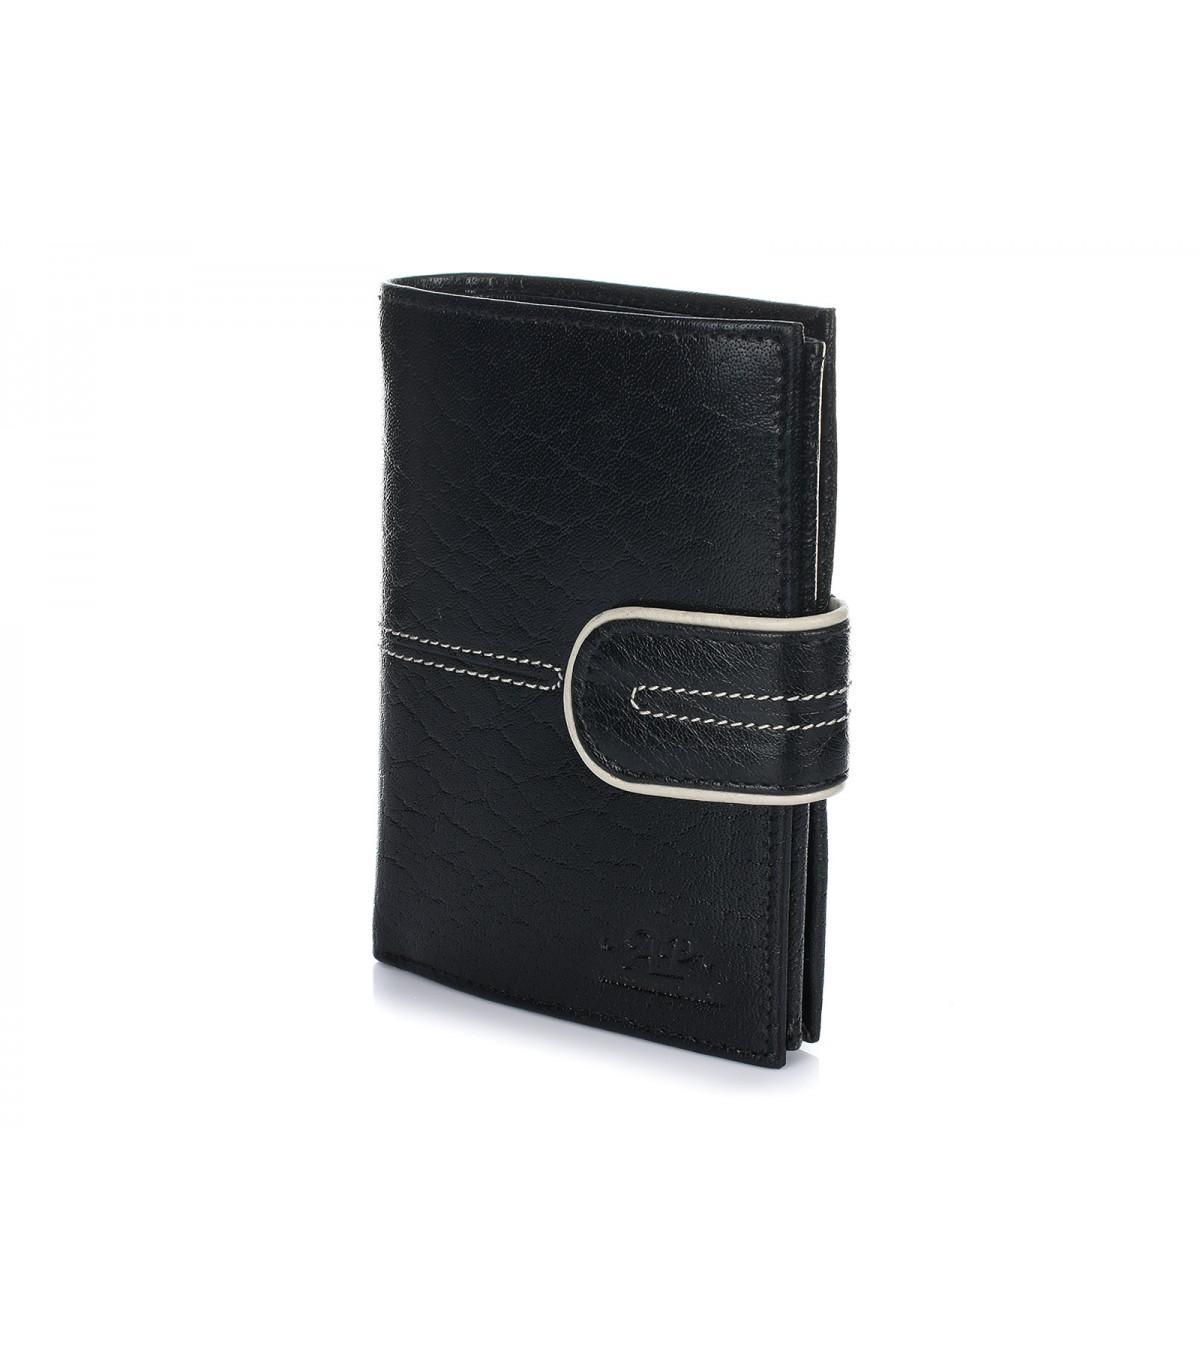 Alessandro Paoli K76 Pánska kožená peňaženka RFID čierna